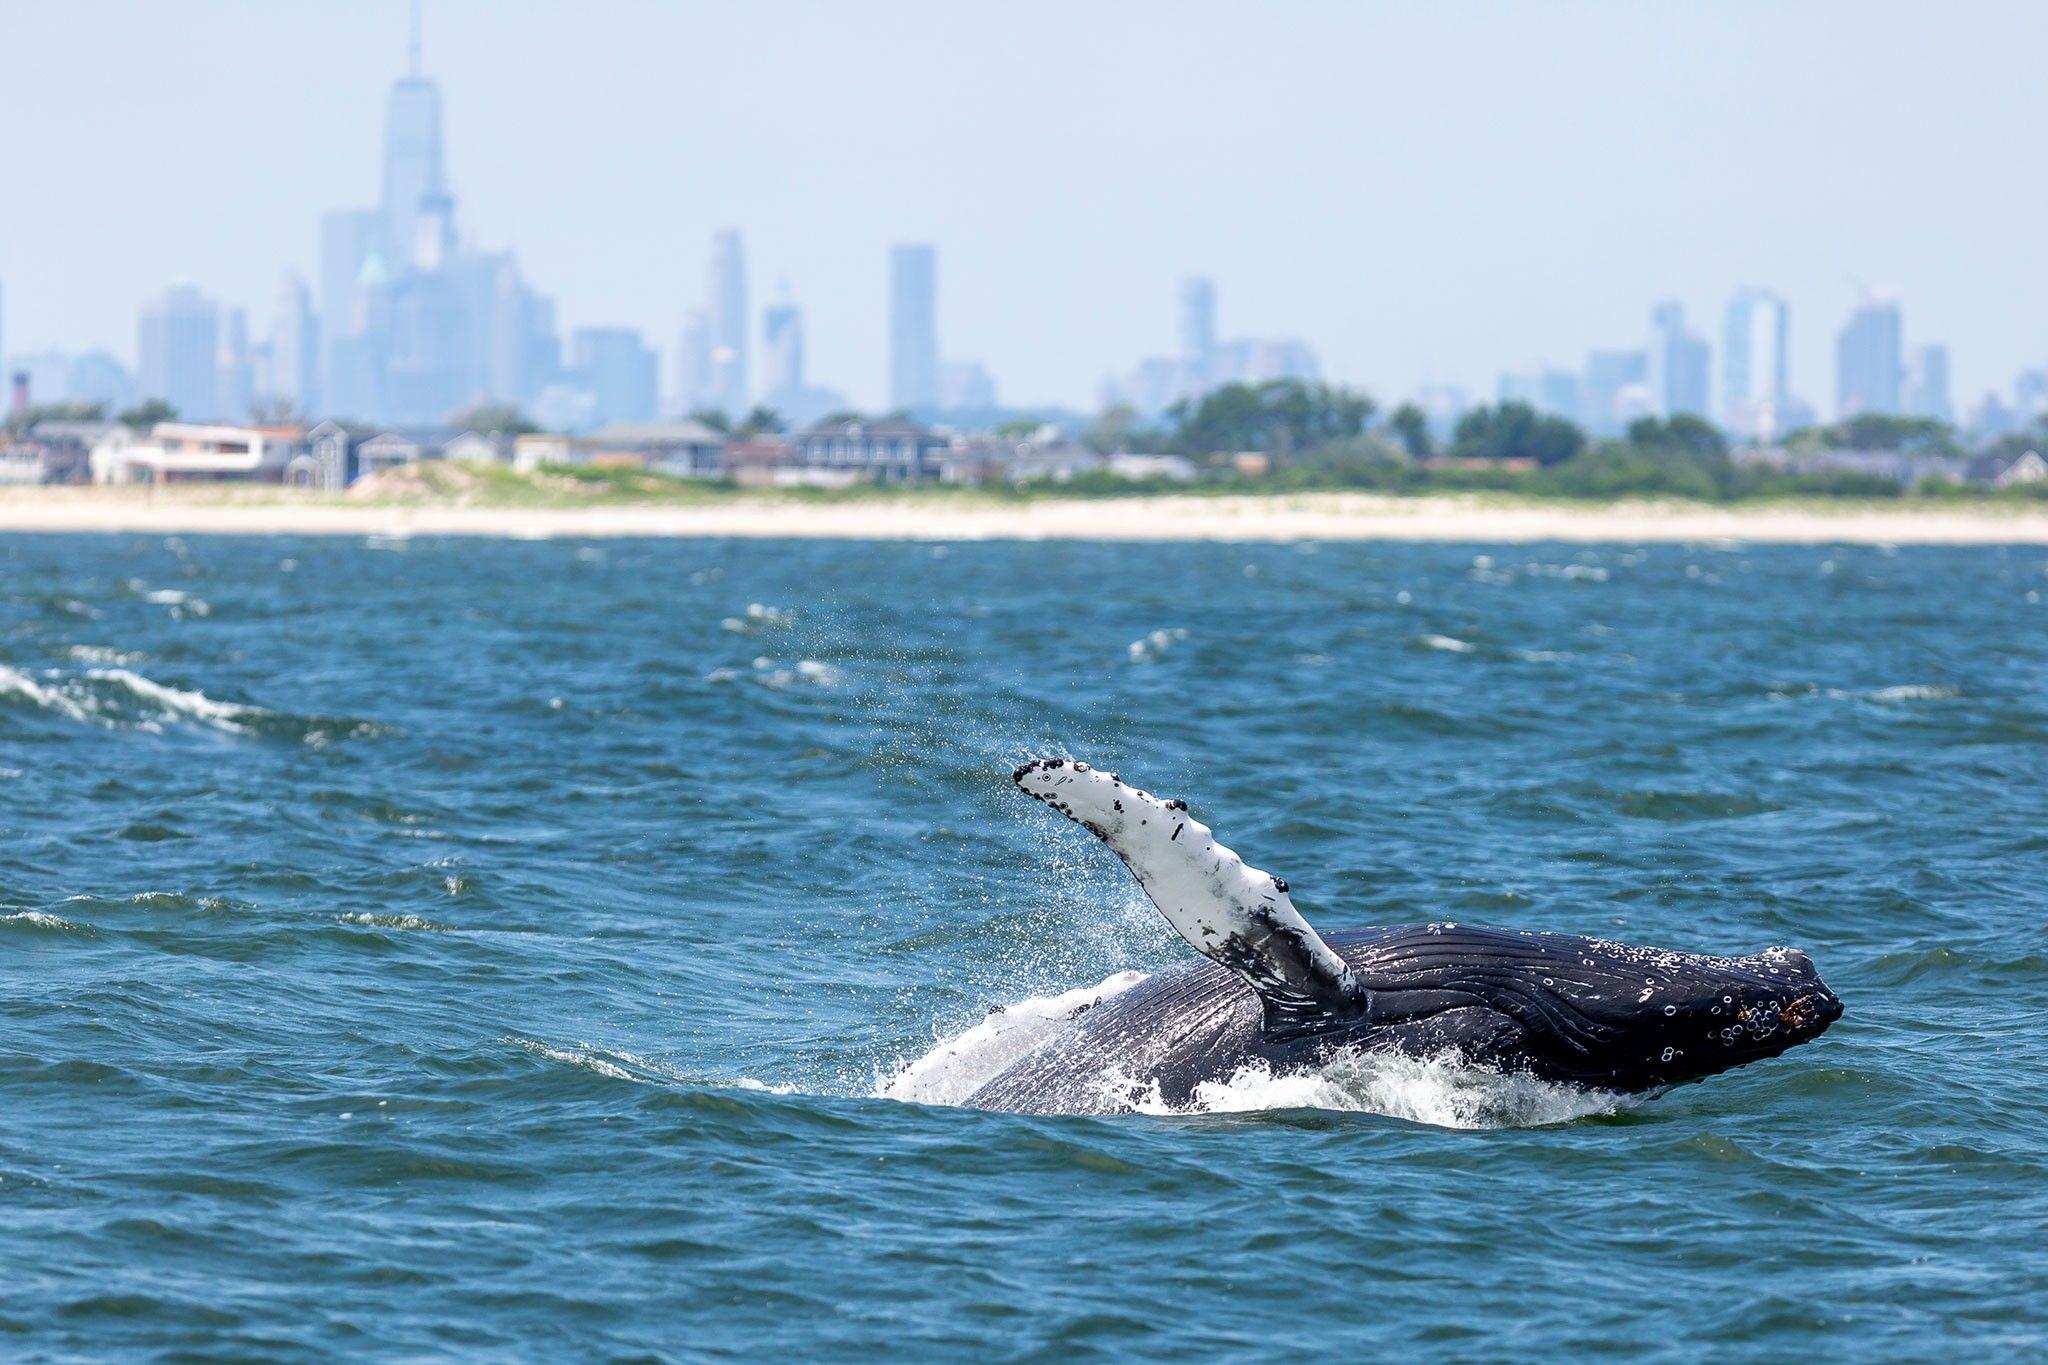 Walbestände boomen im New Yorker Hafen | National Geographic